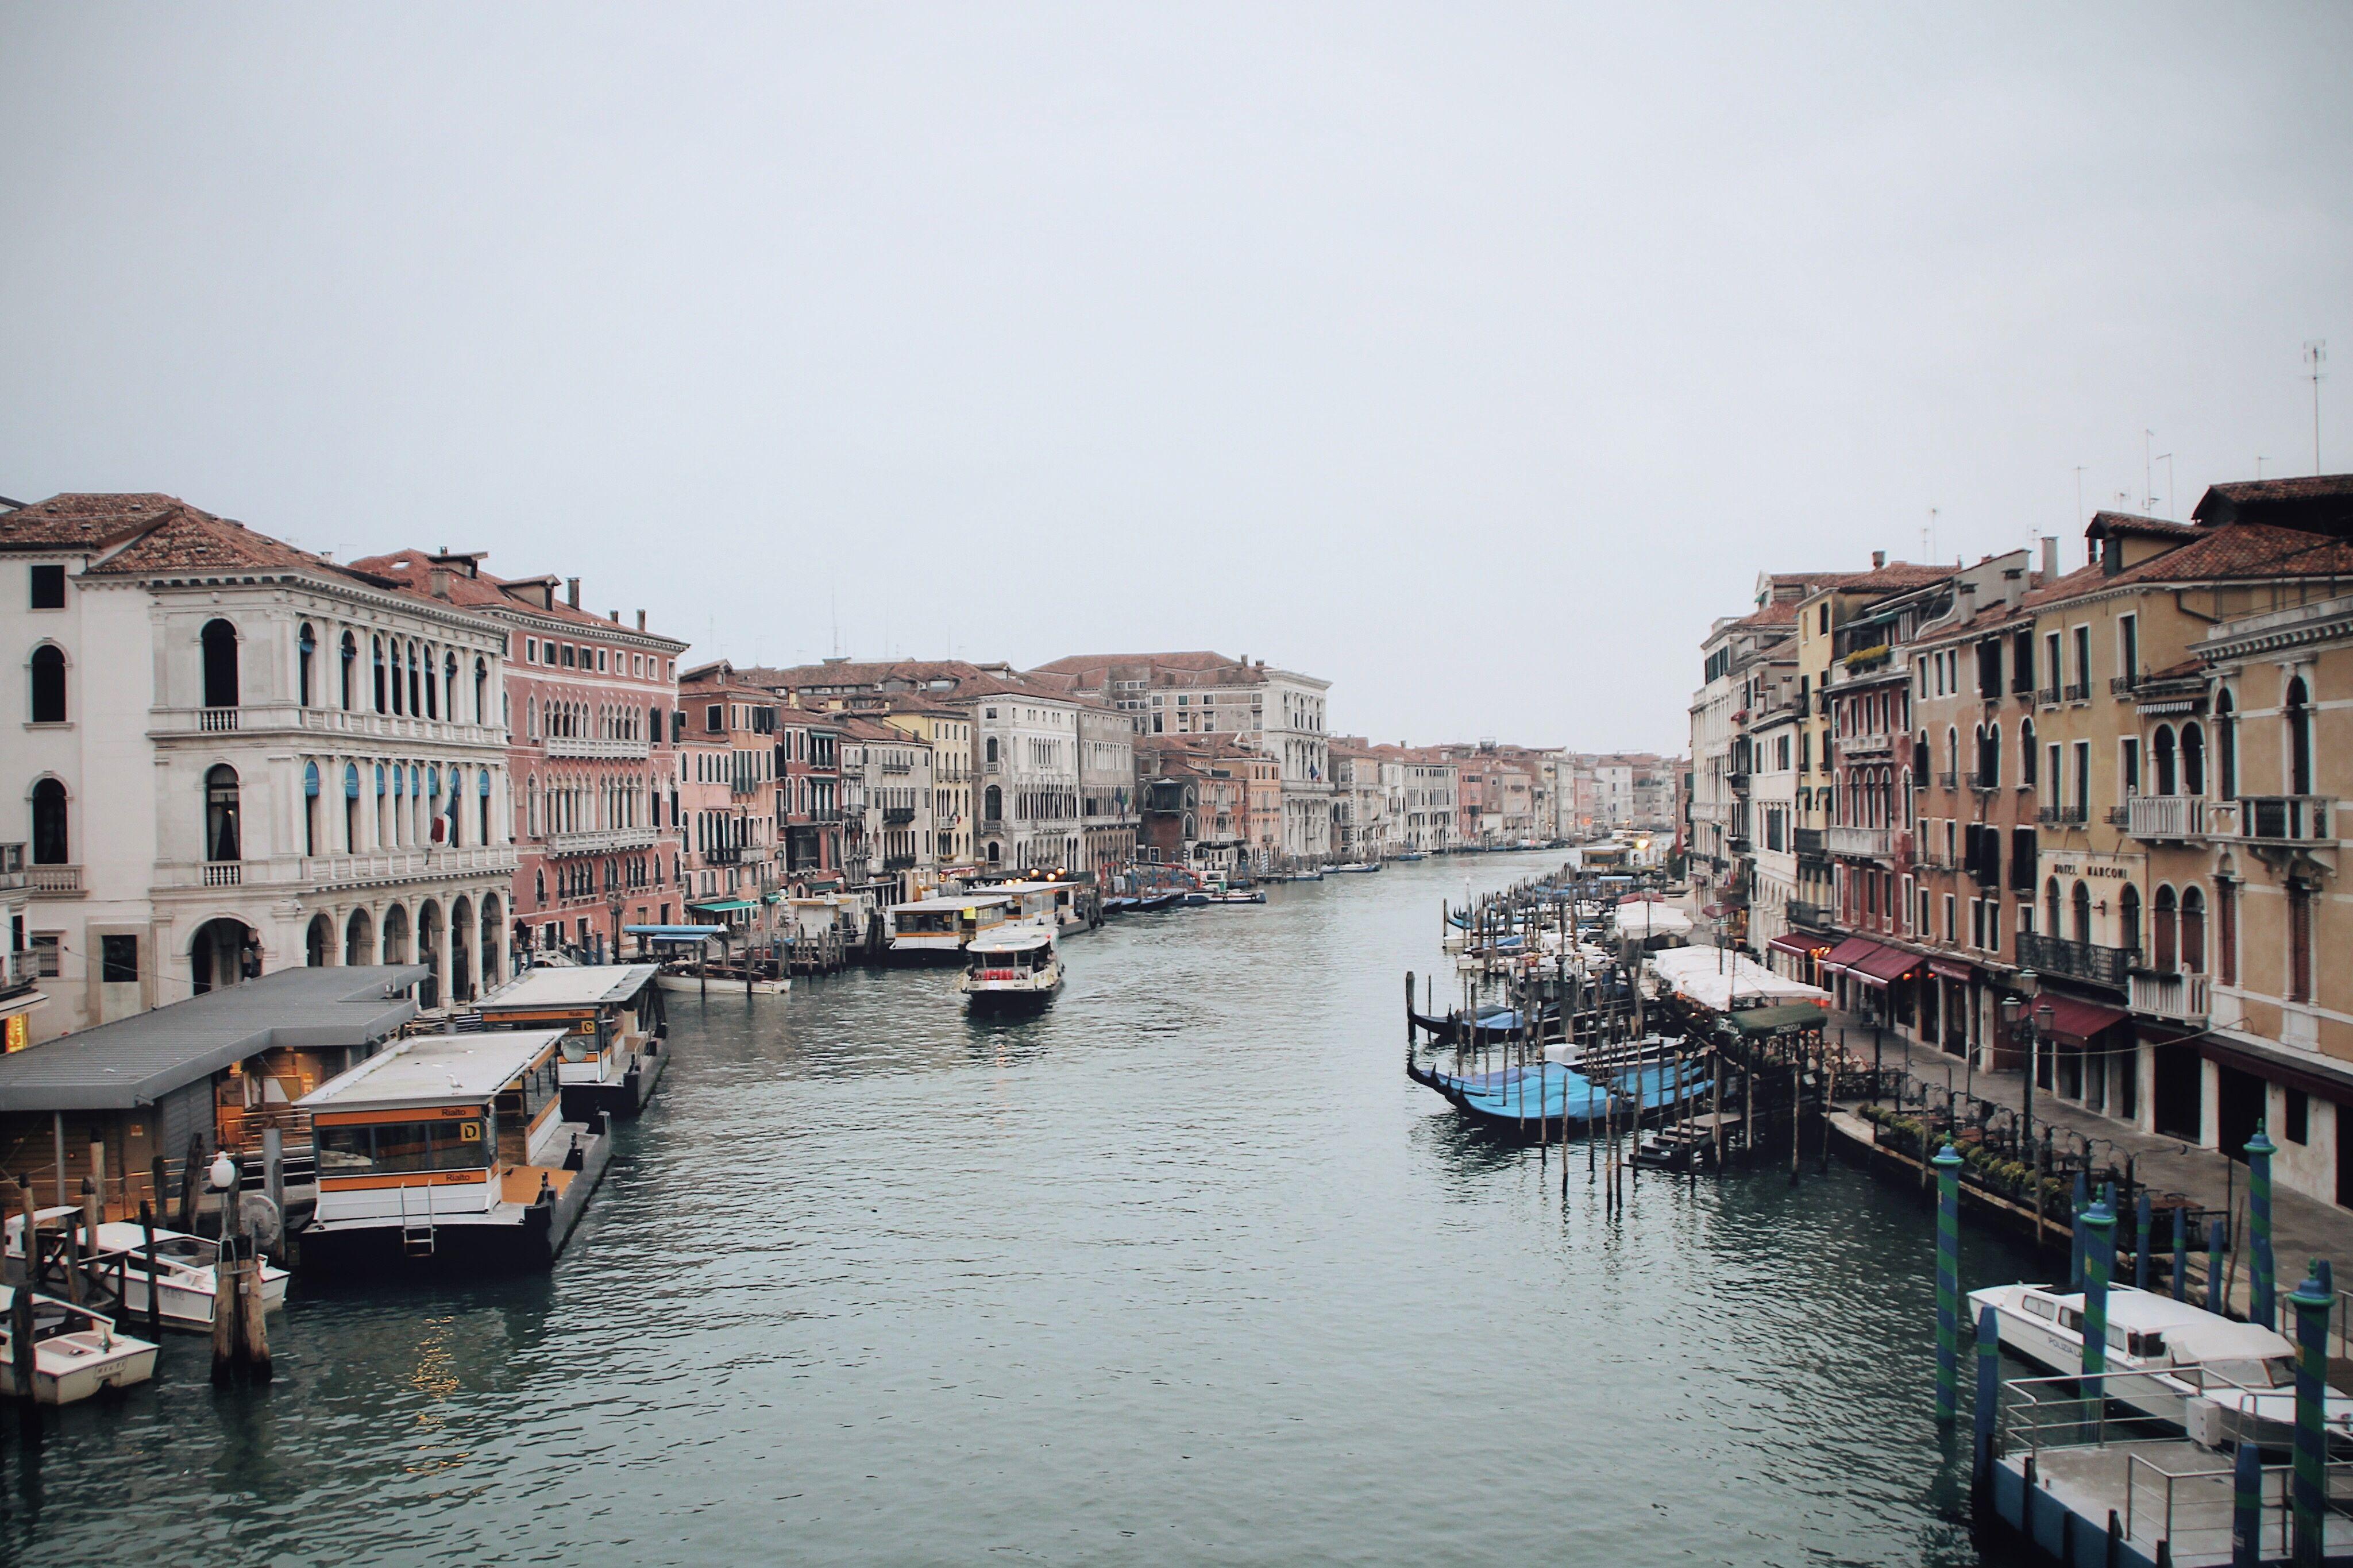 Venedig 🇮🇹 | Venedig, Reiseziele, Italien reisen